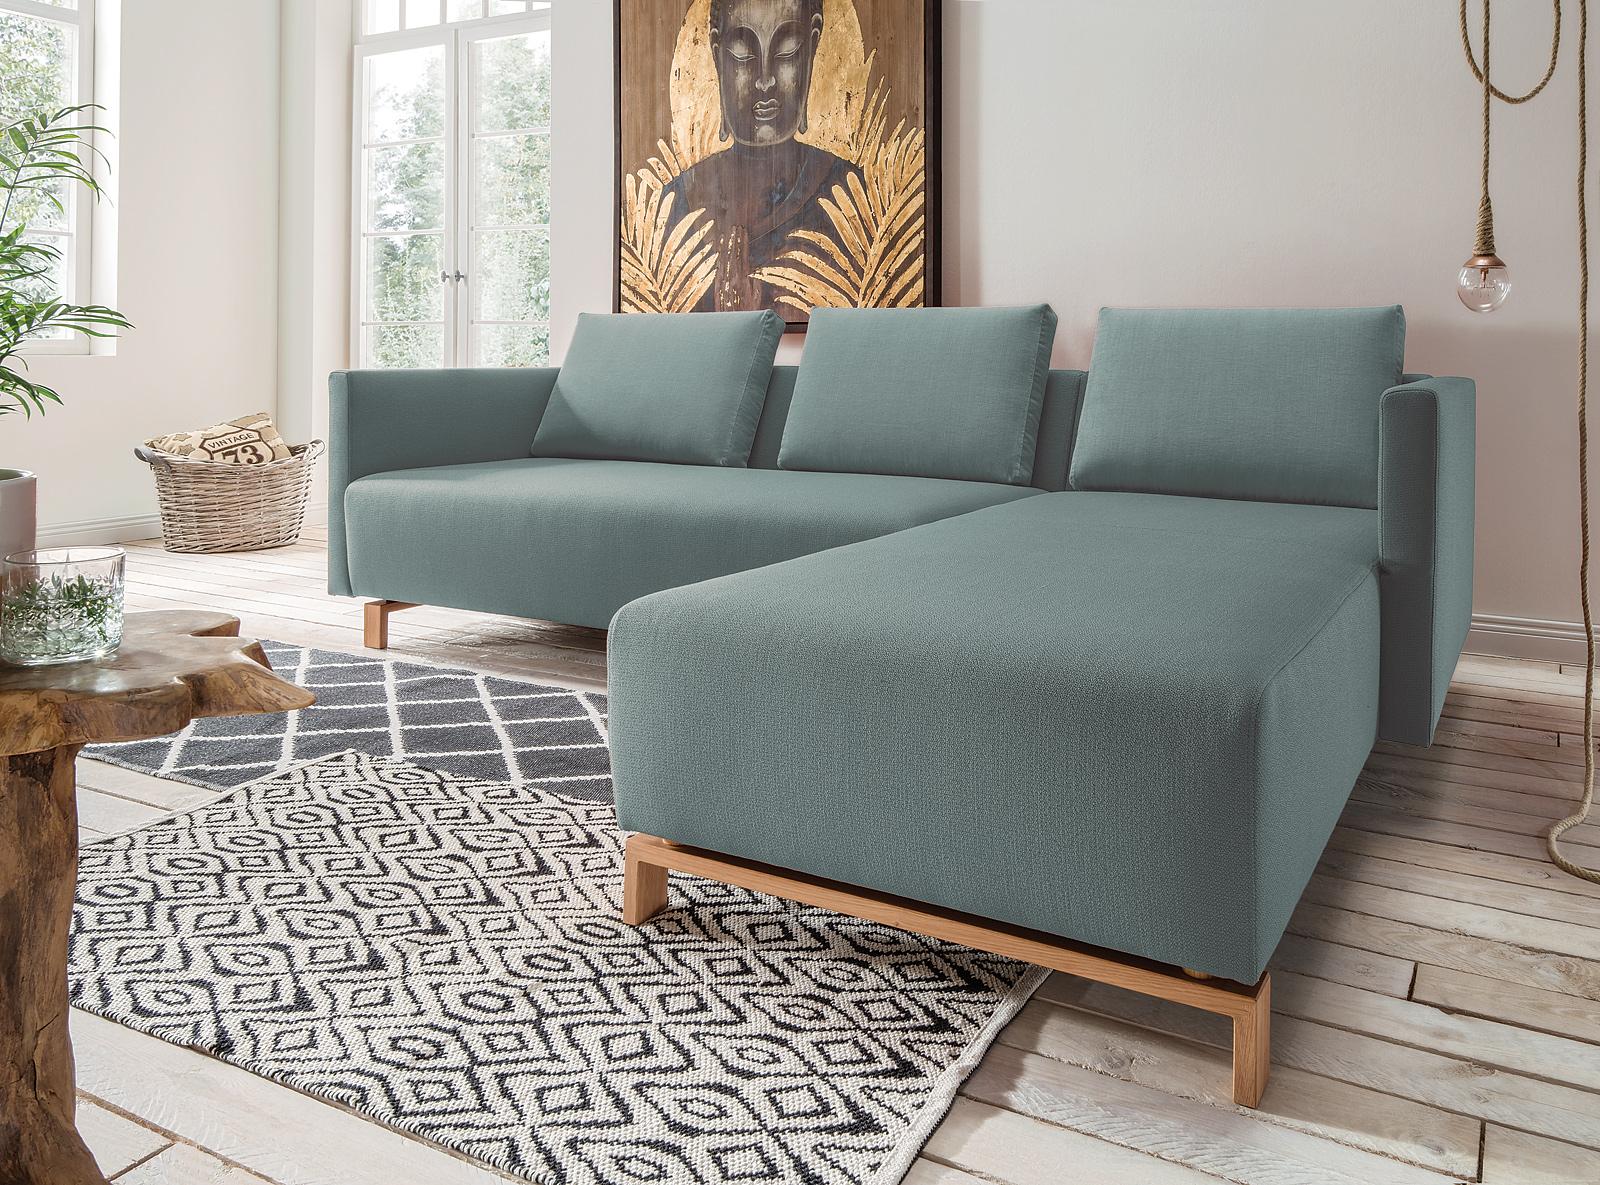 Recamiere Sofa.